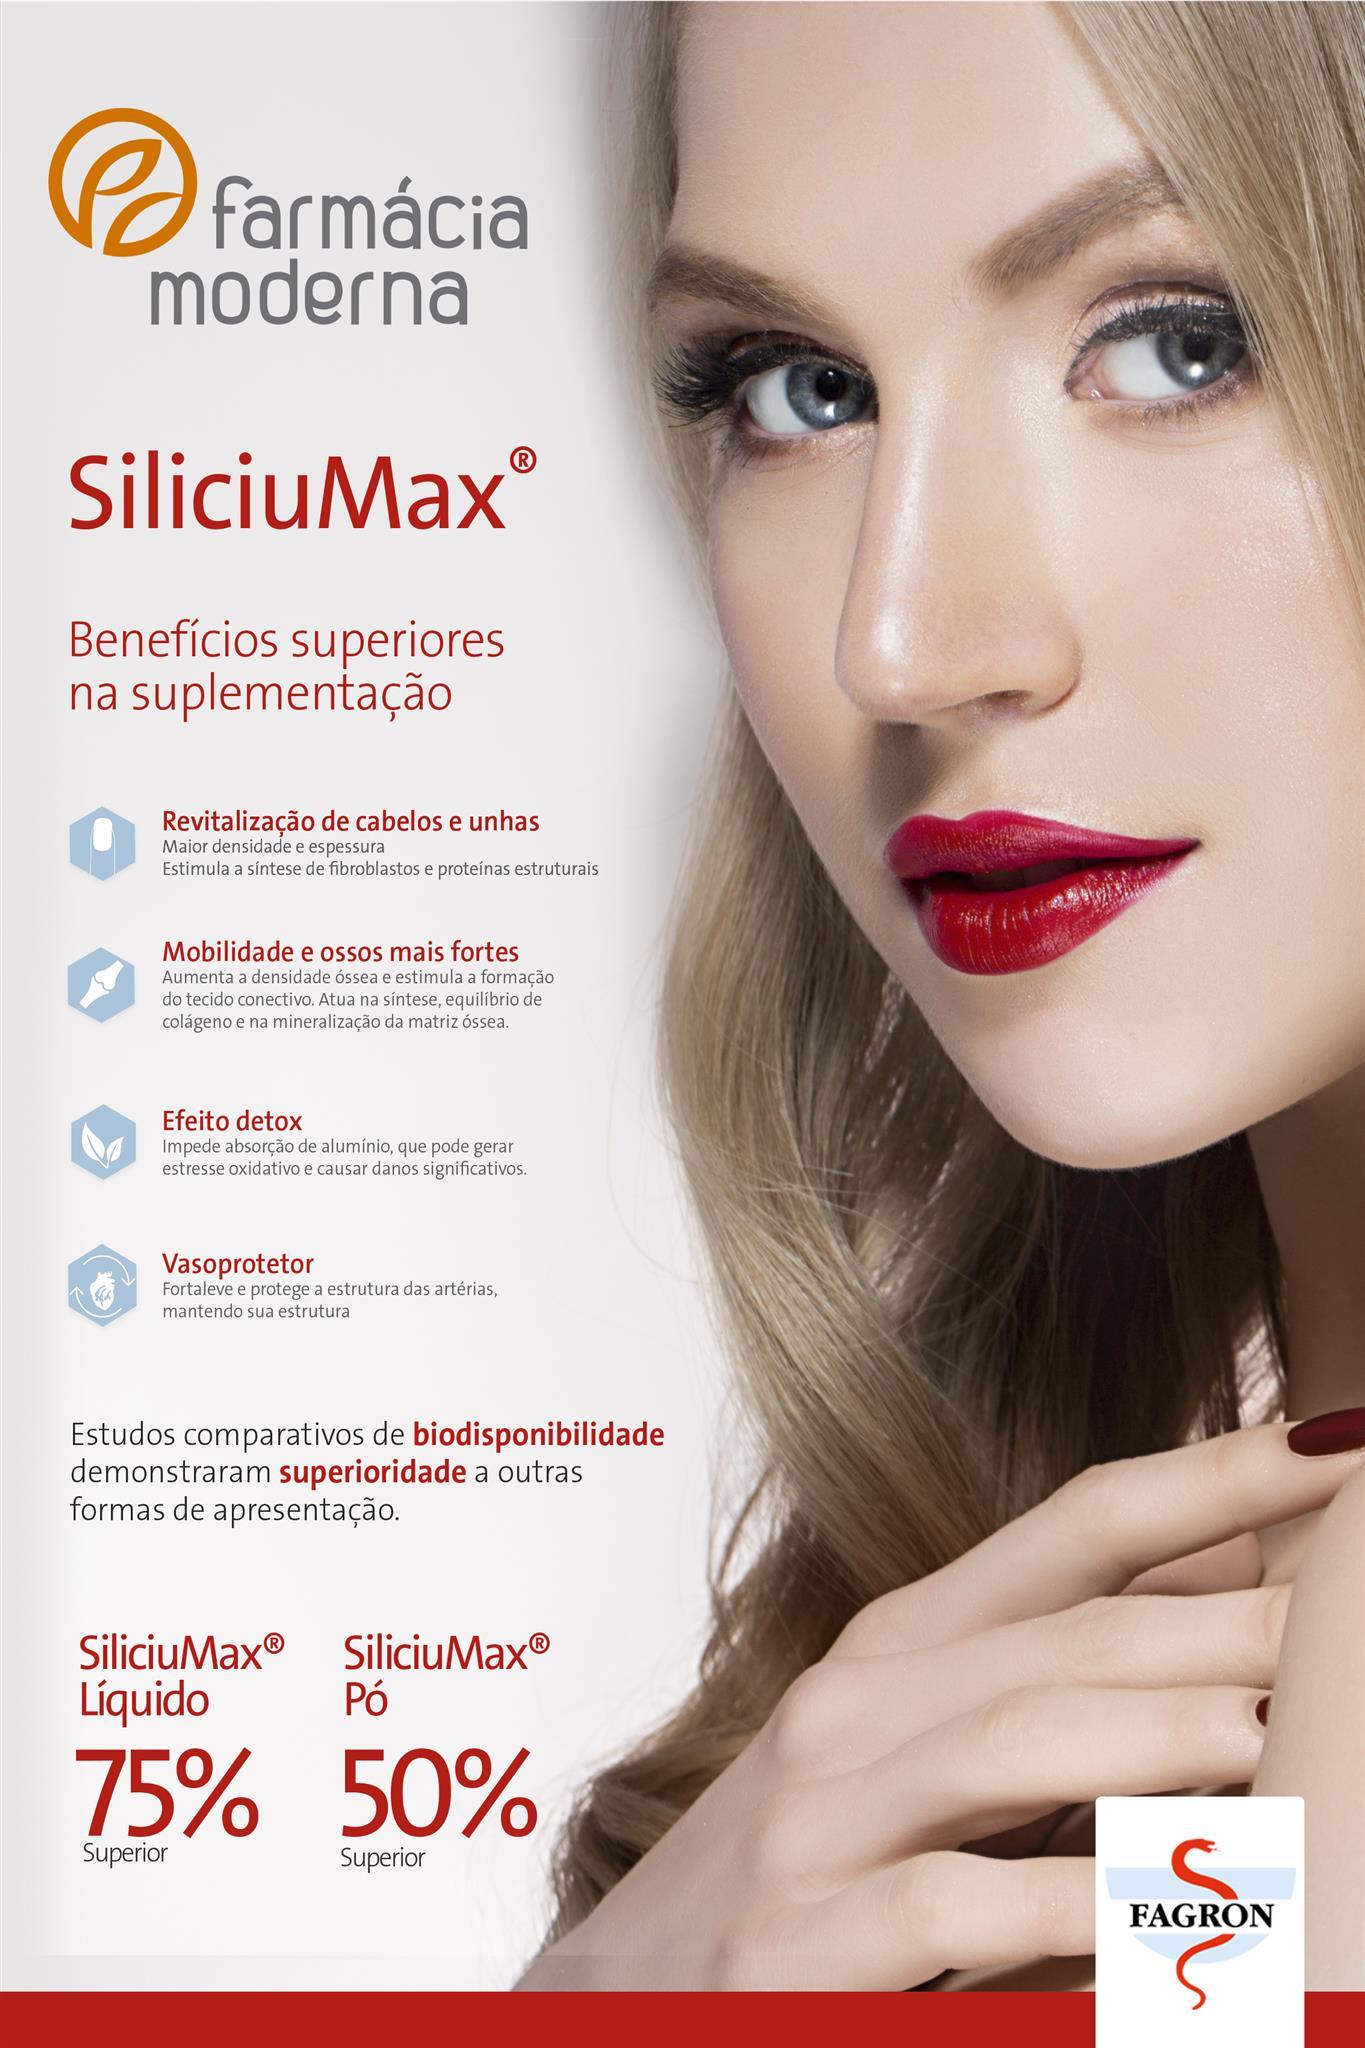 Siliciumax-Farmacia moderna